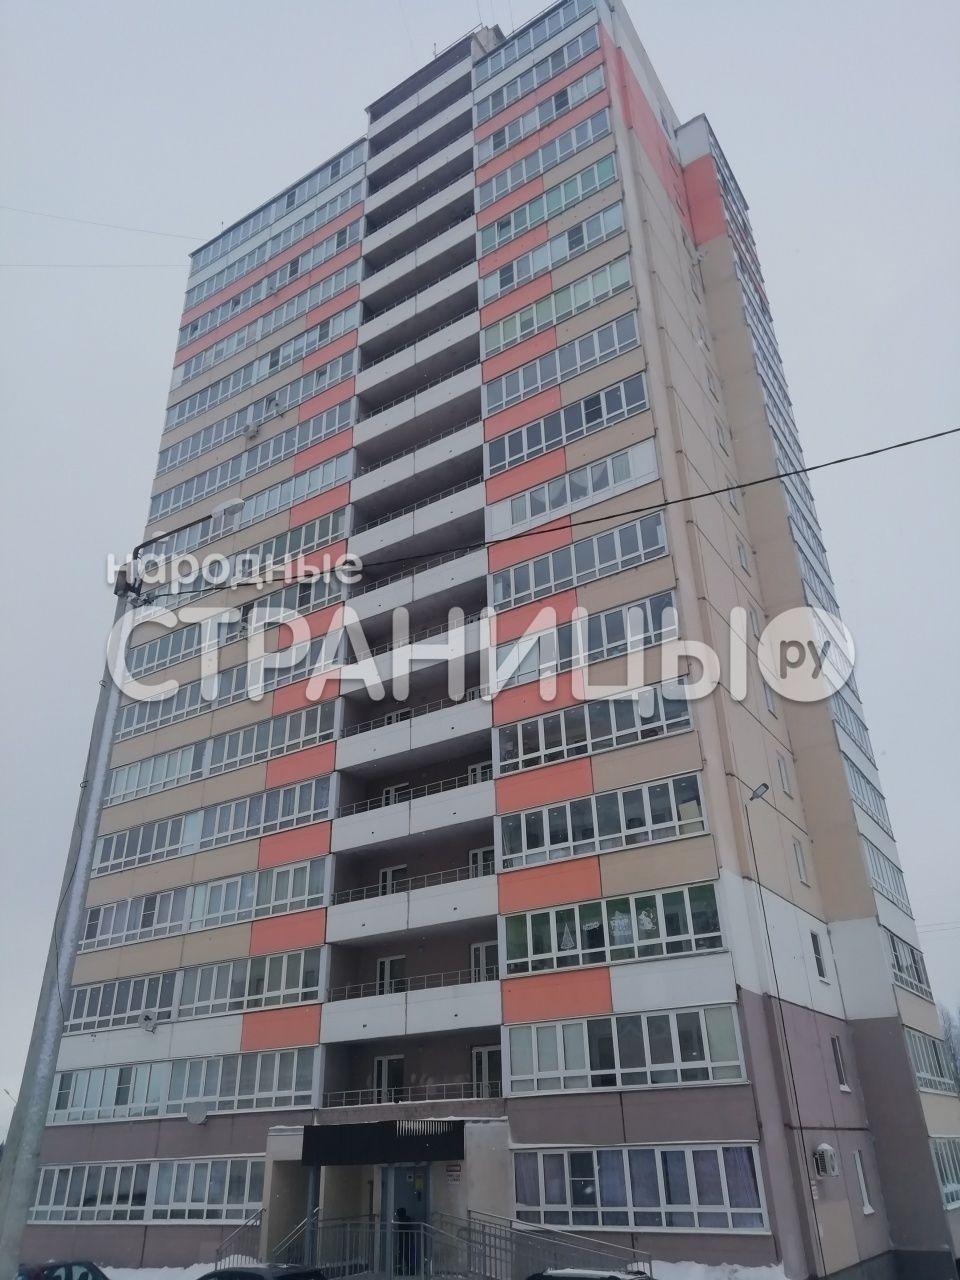 1-комнатная квартира, 27.0 м²,  10/17 эт. Панельный дом